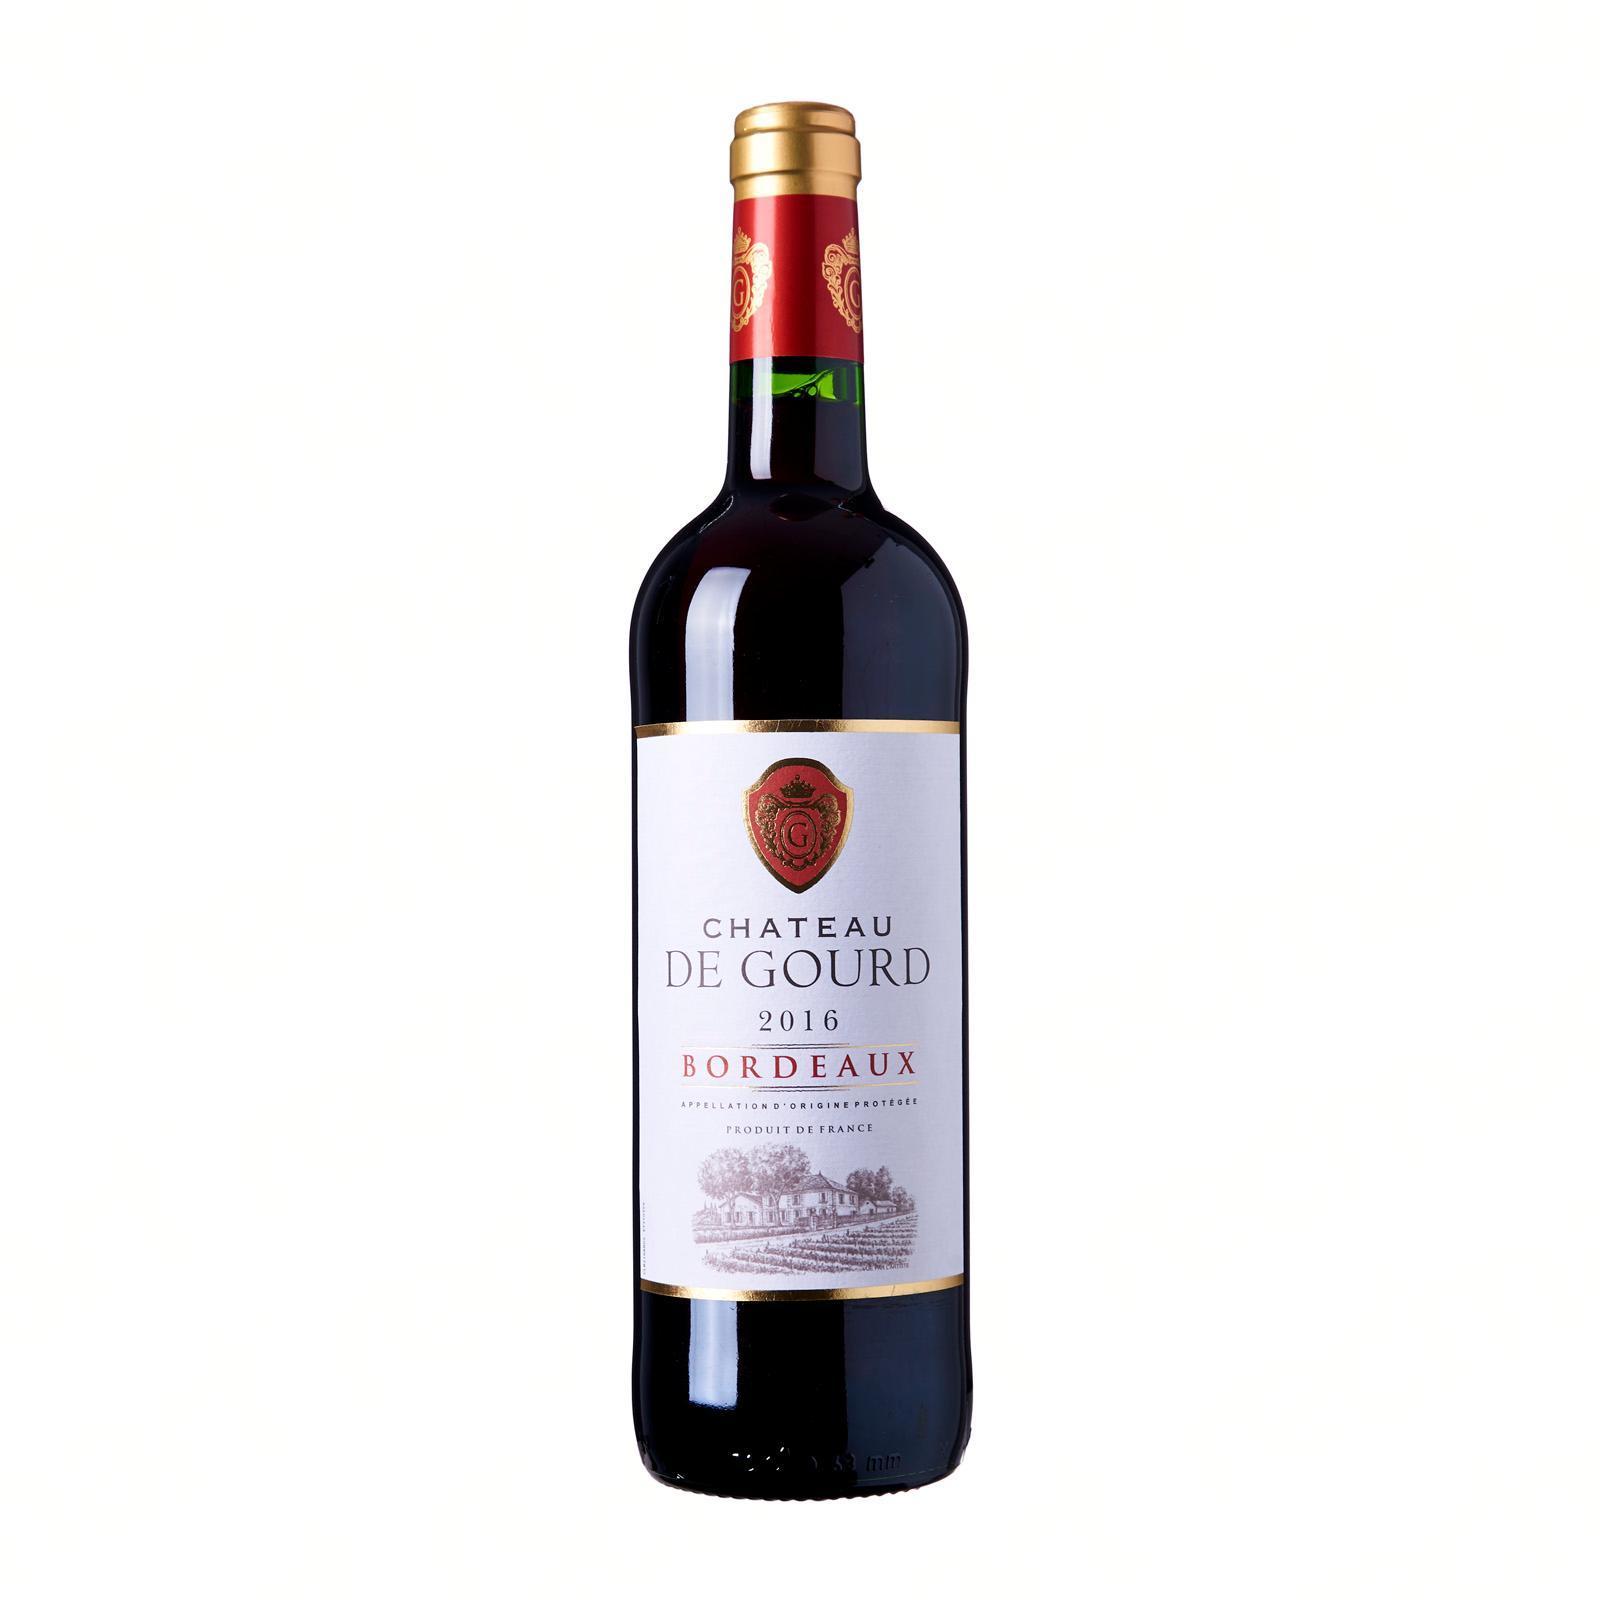 Chateau De Gourd Bordeaux 2016